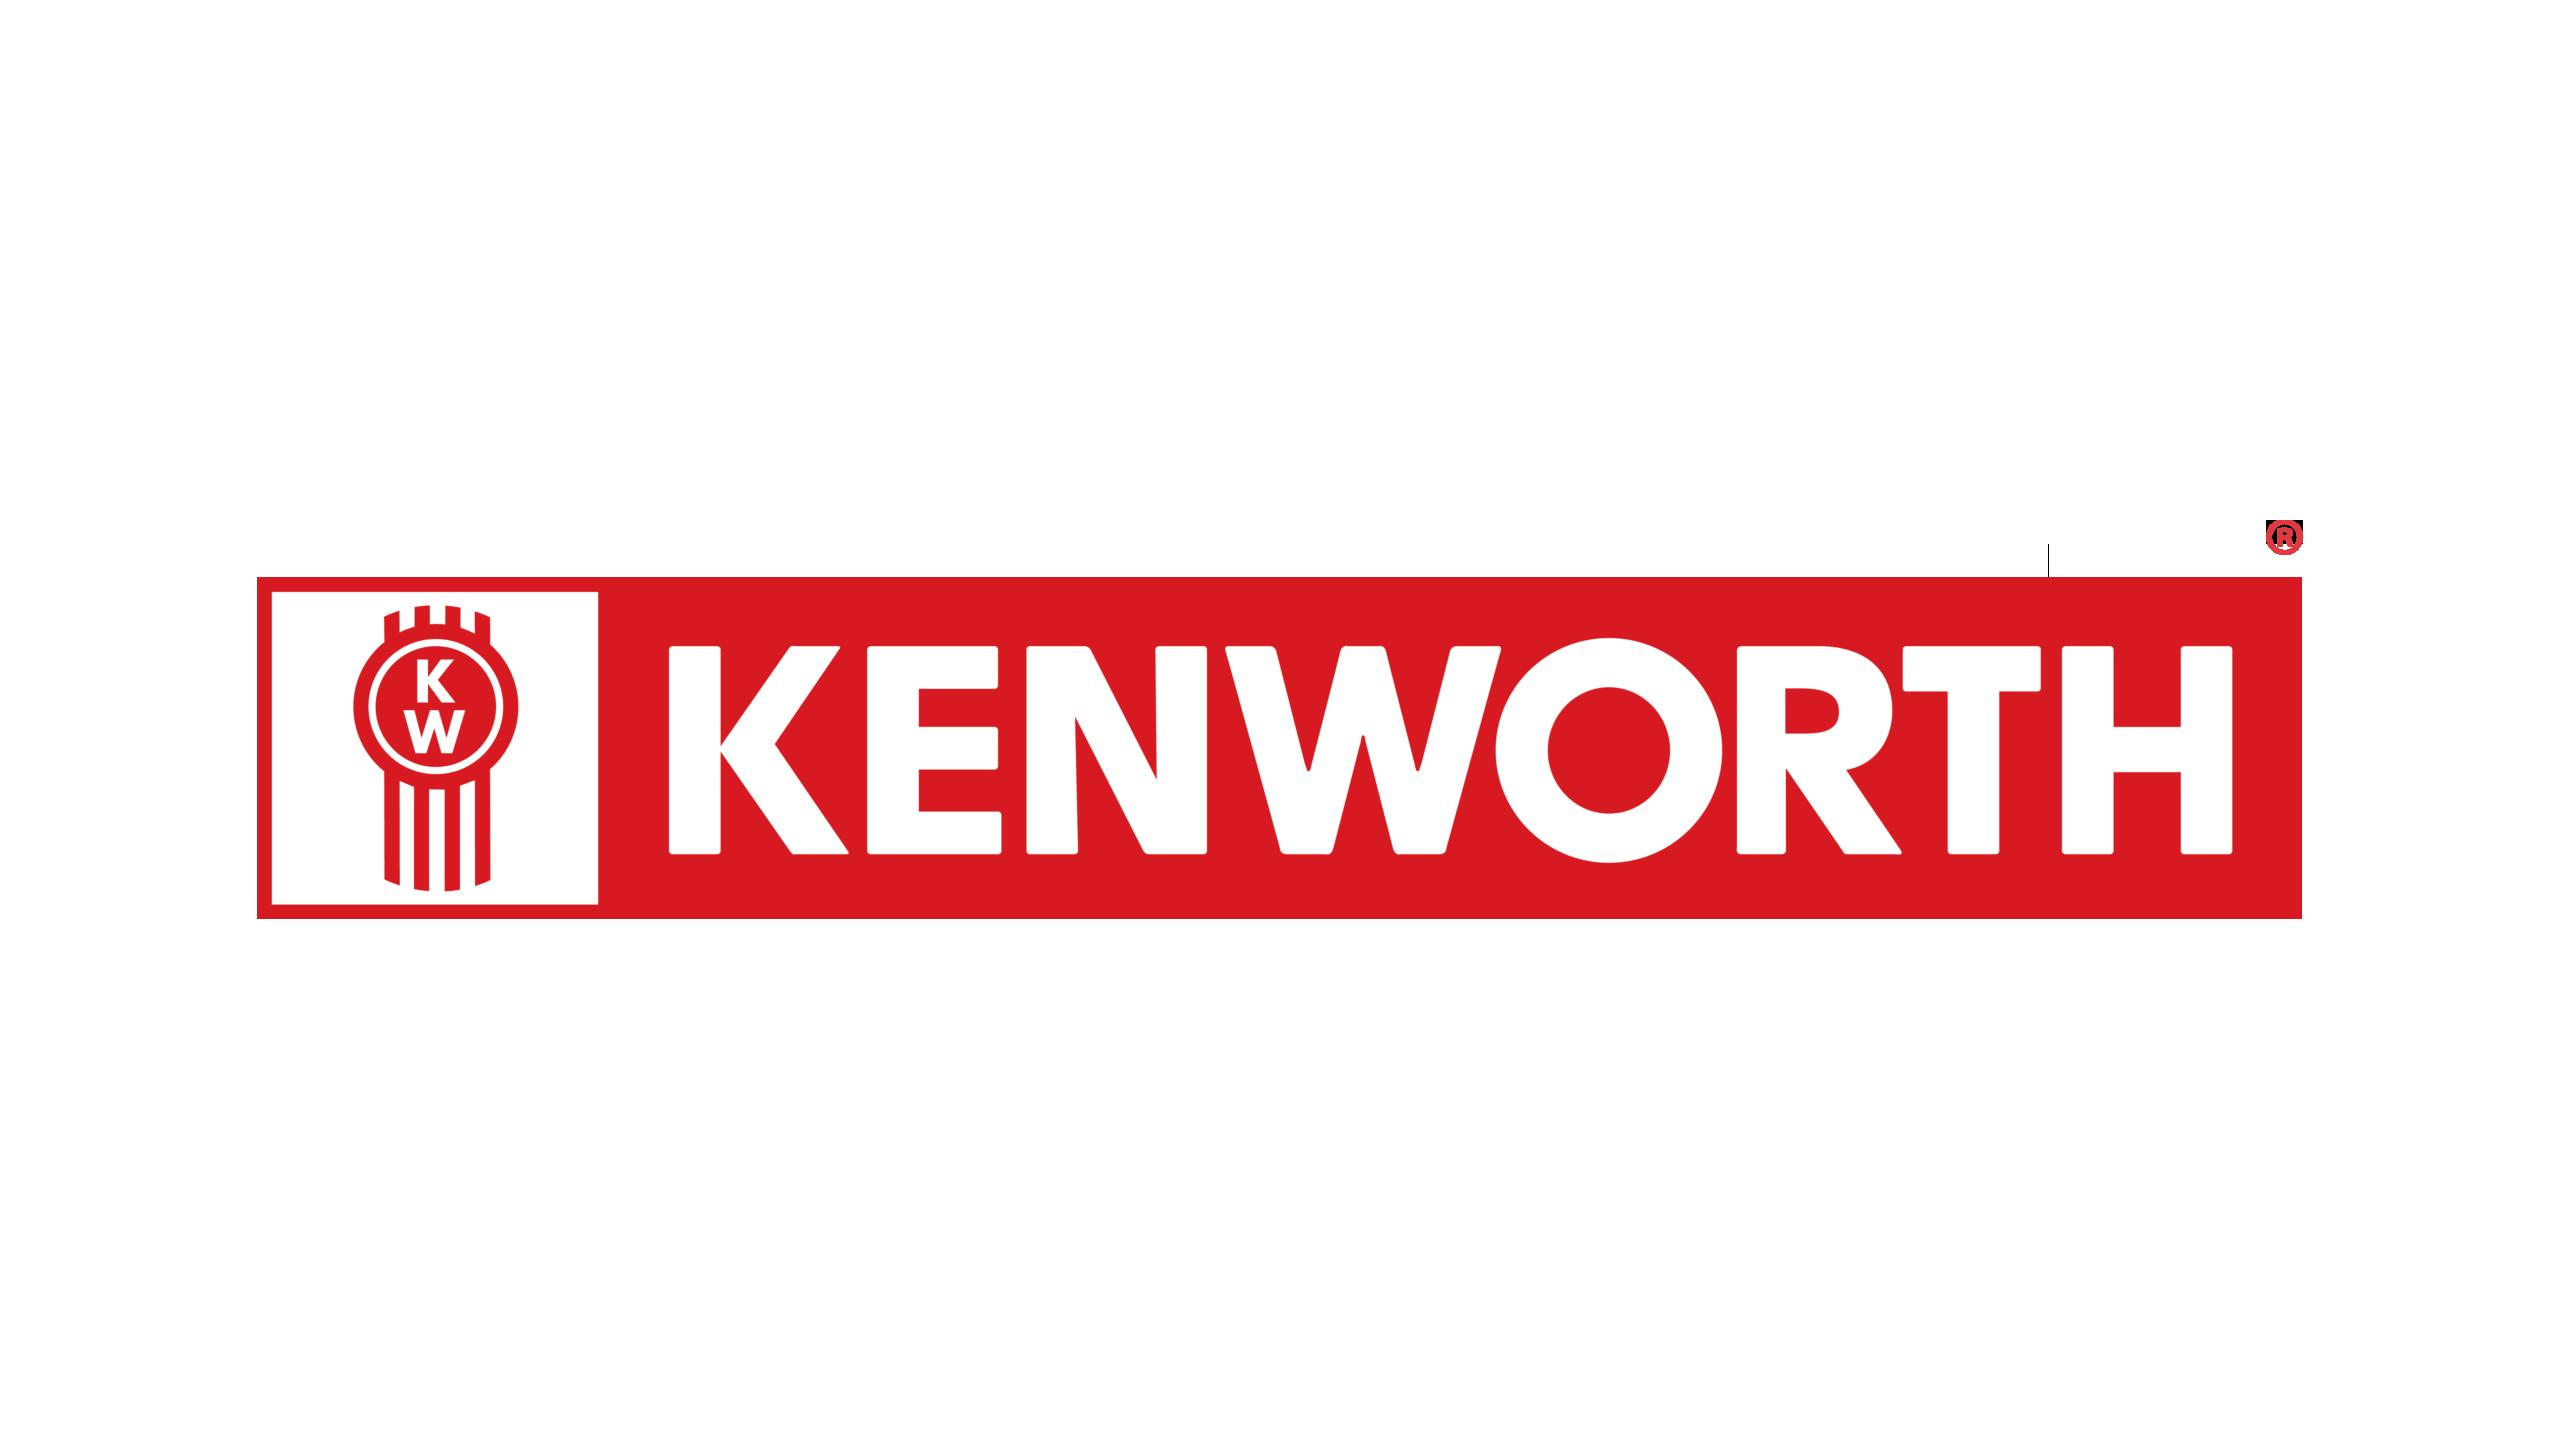 Kenworth Logo 2560x1440 HD Png